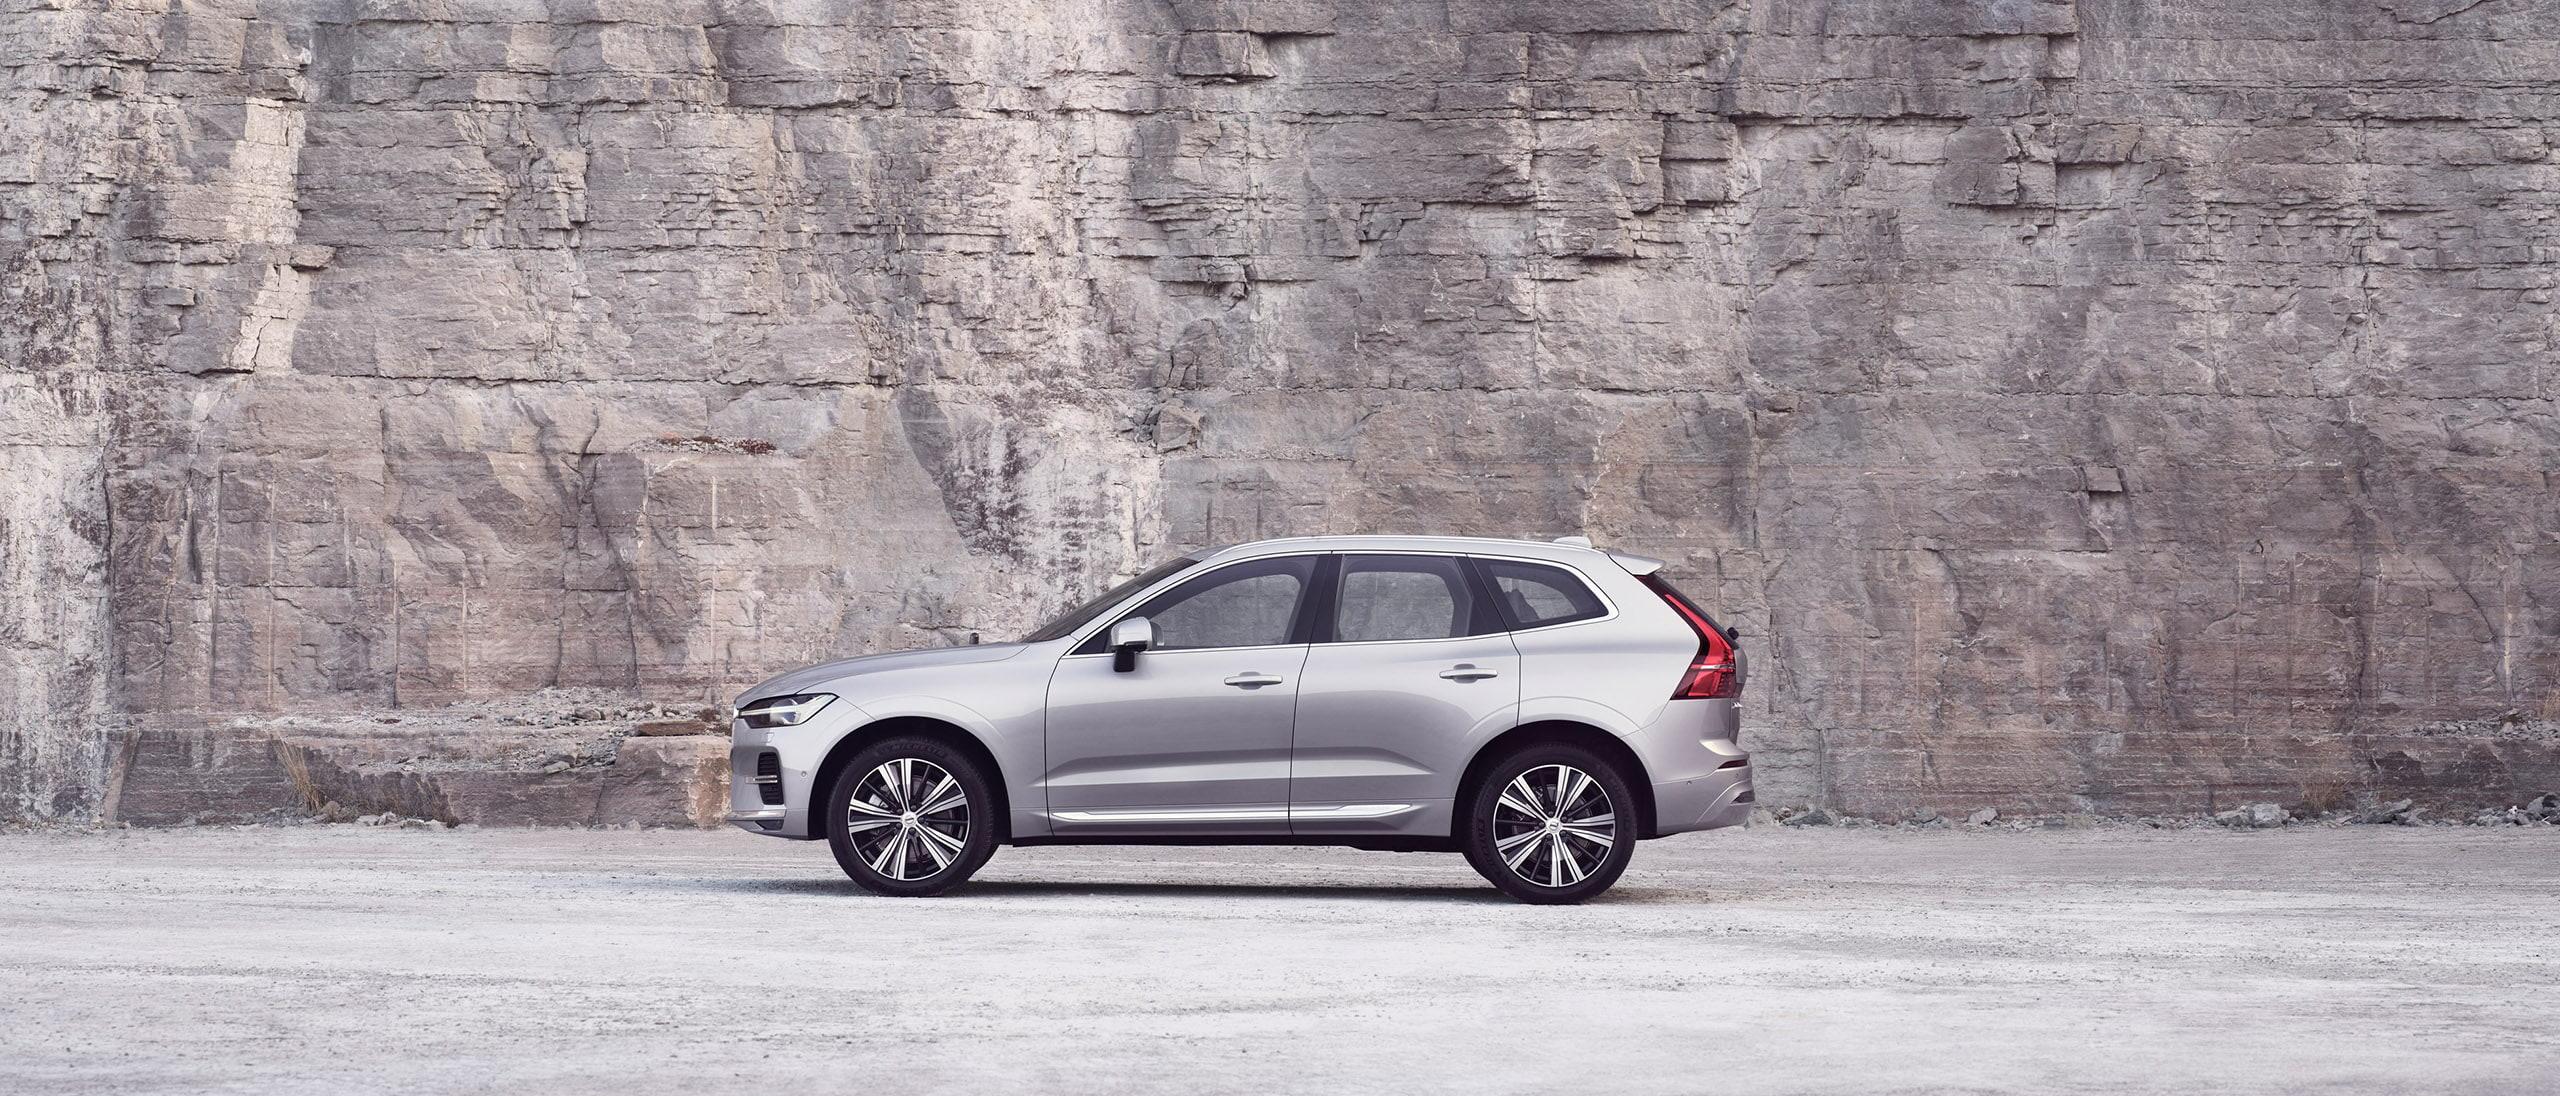 Egy ezüst színű Volvo XC60 parkol egy sziklafal előtt.